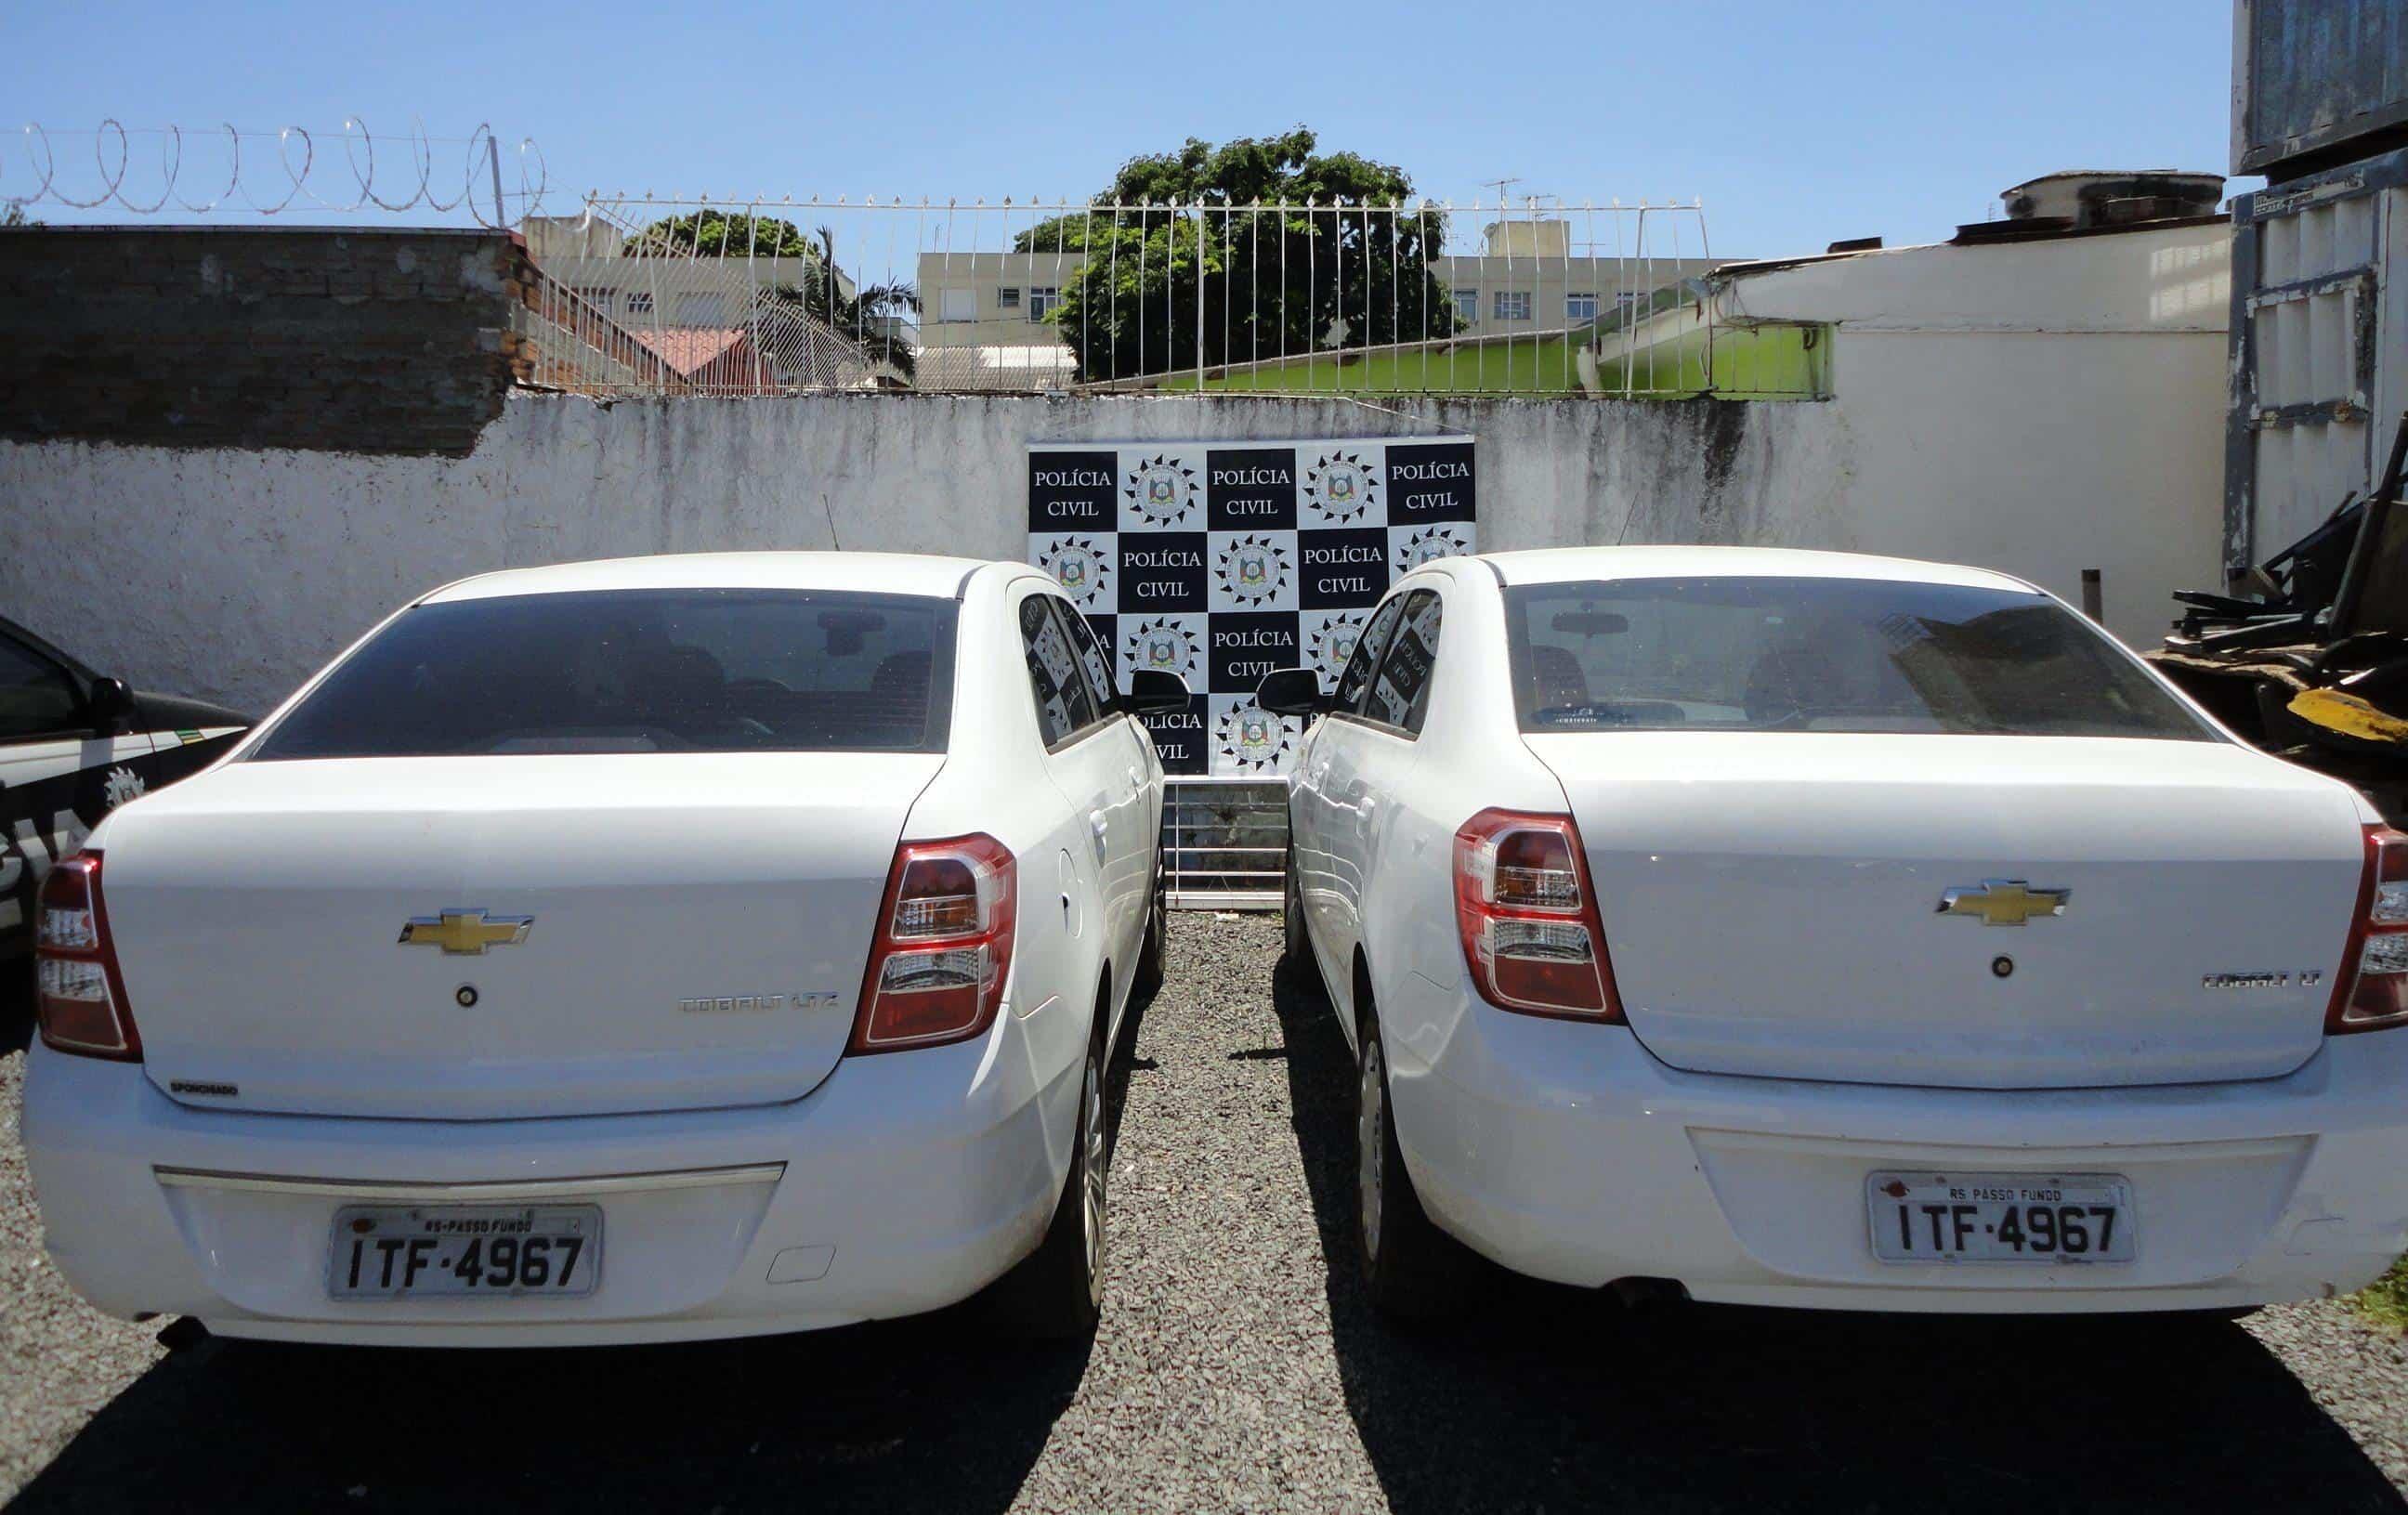 Golpes de trânsito veículo clonado